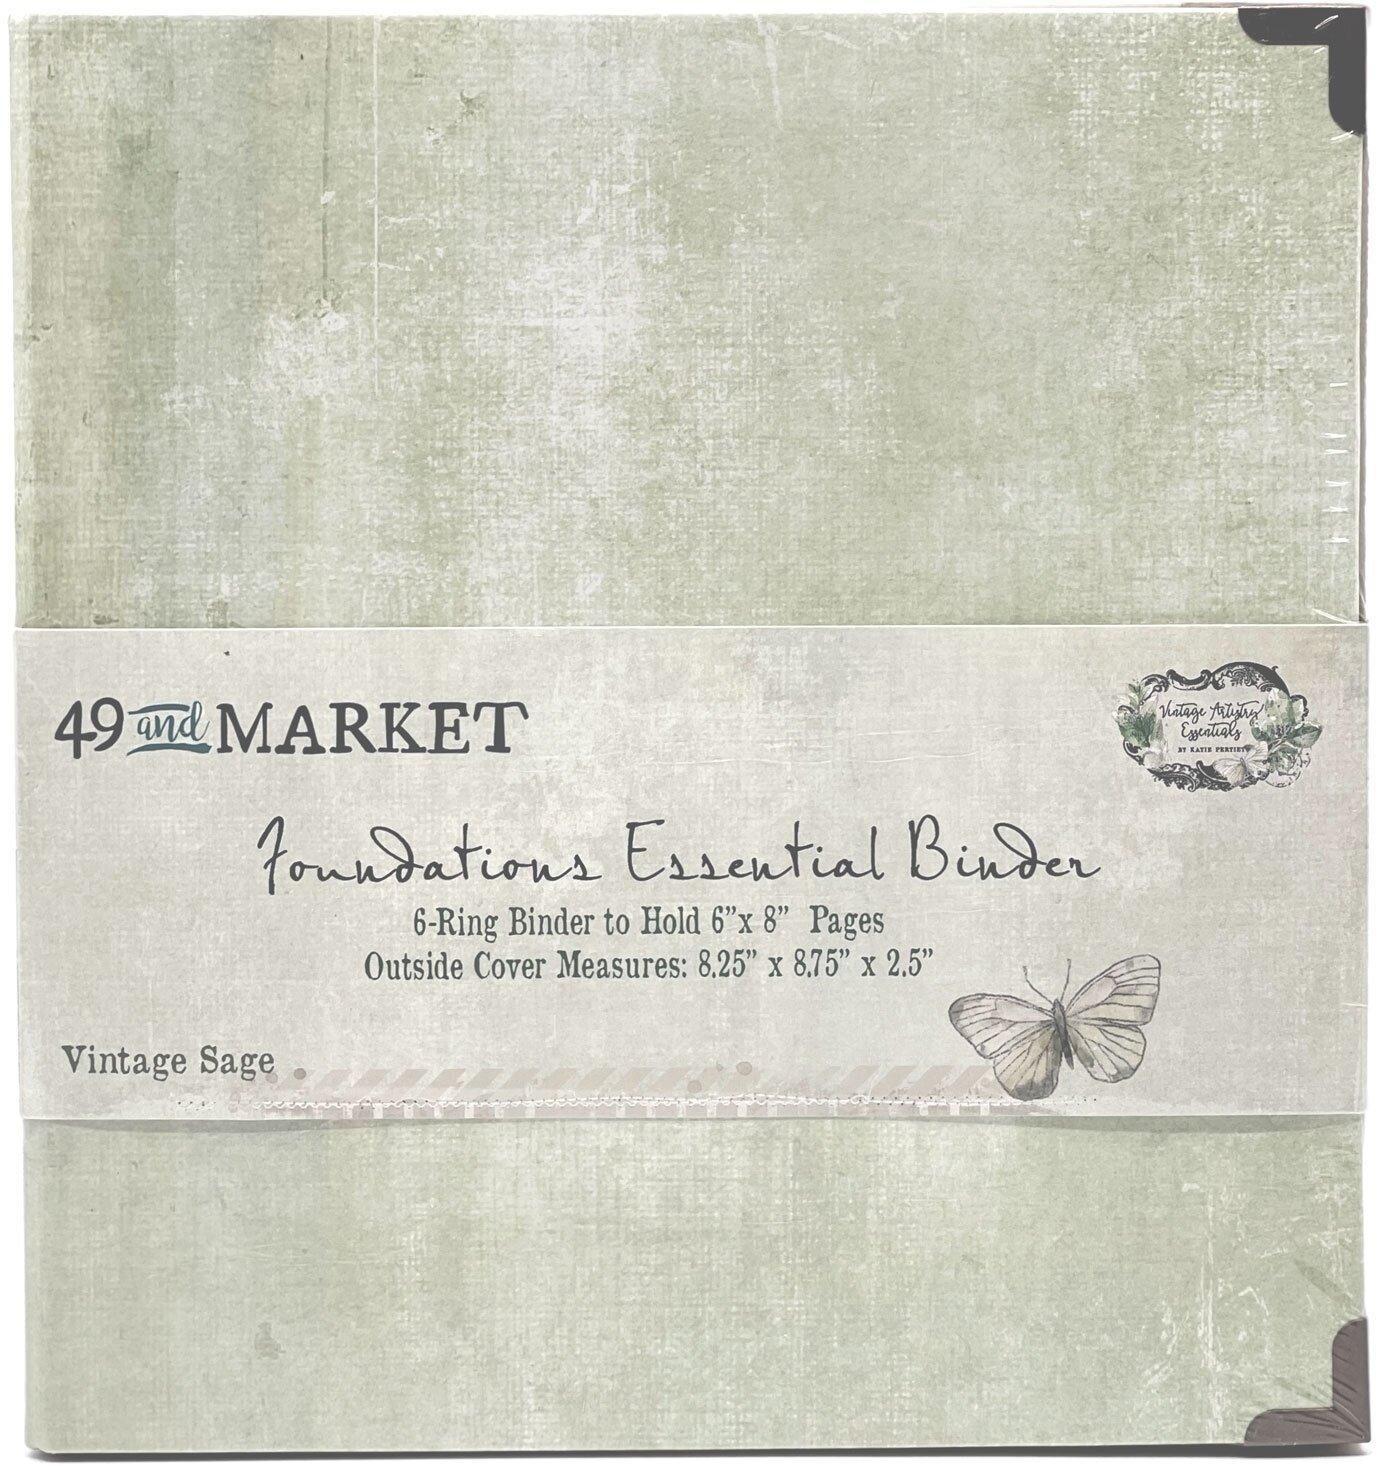 49 And Market Foundations Essential Binder-Vintage Sage